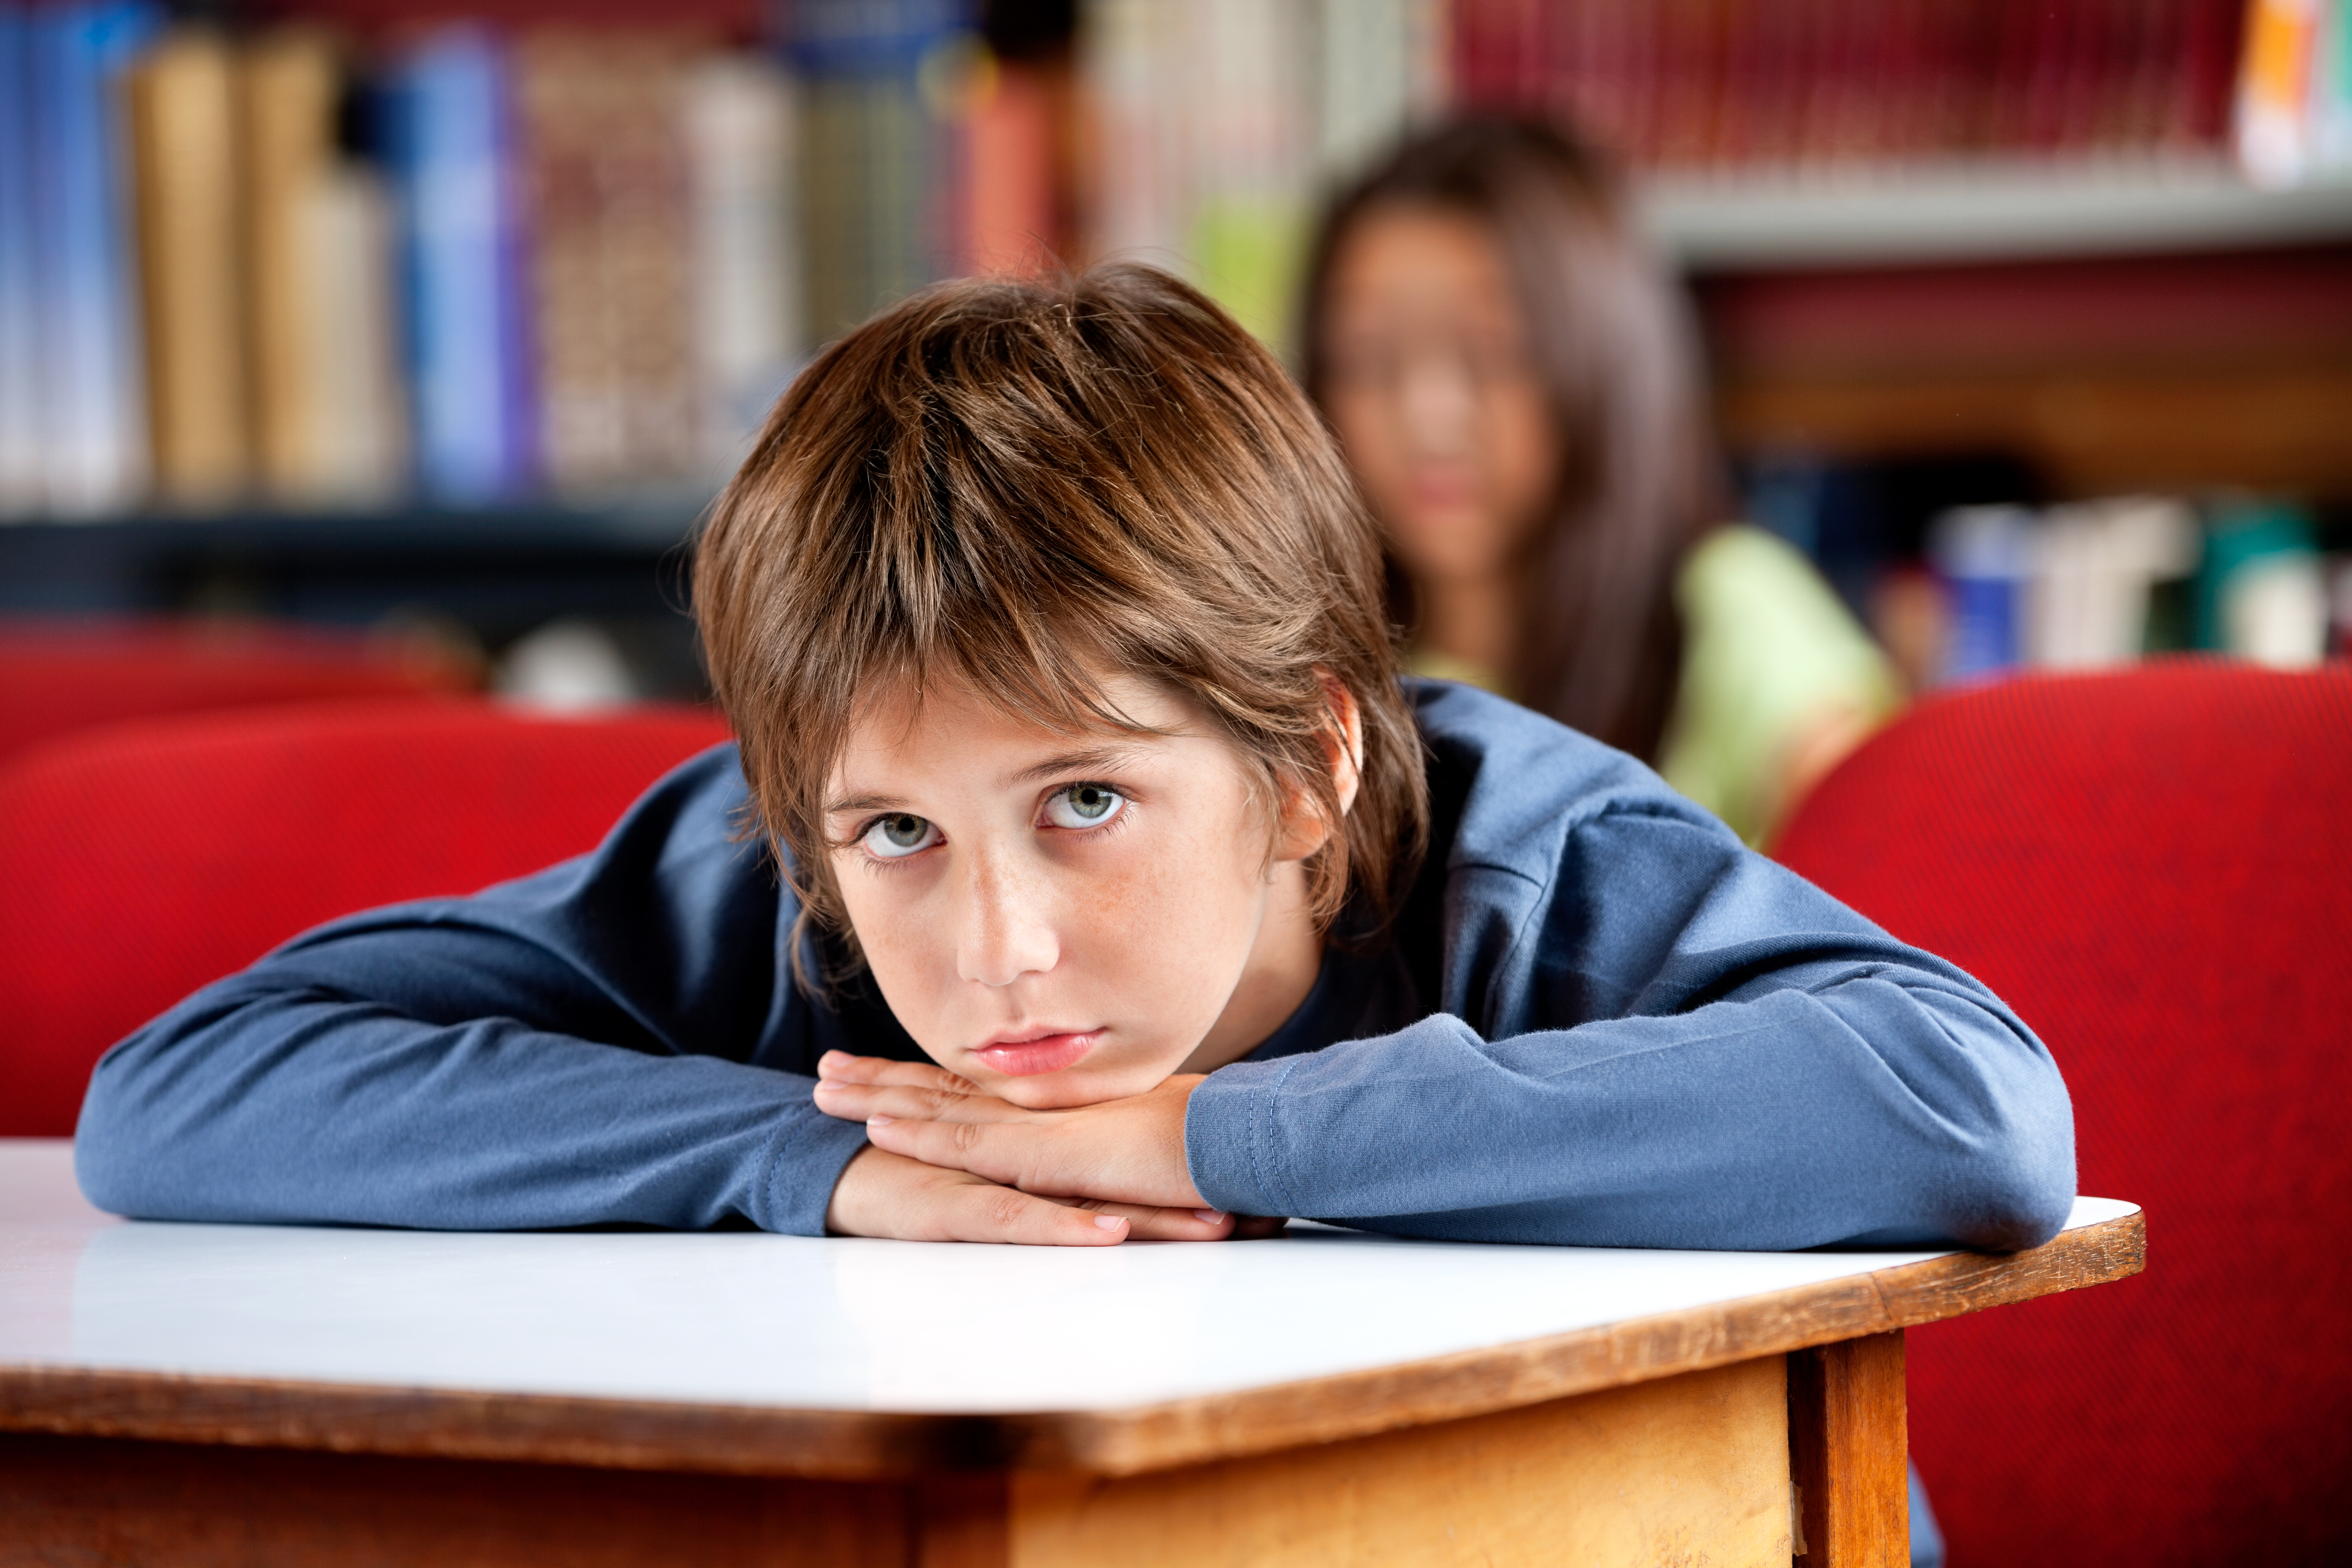 Många elever med kronisk trötthet på grund av huvudvärk upplever värk i såväl mage som huvud, blir deprimerade och att tappar koncentrationen.